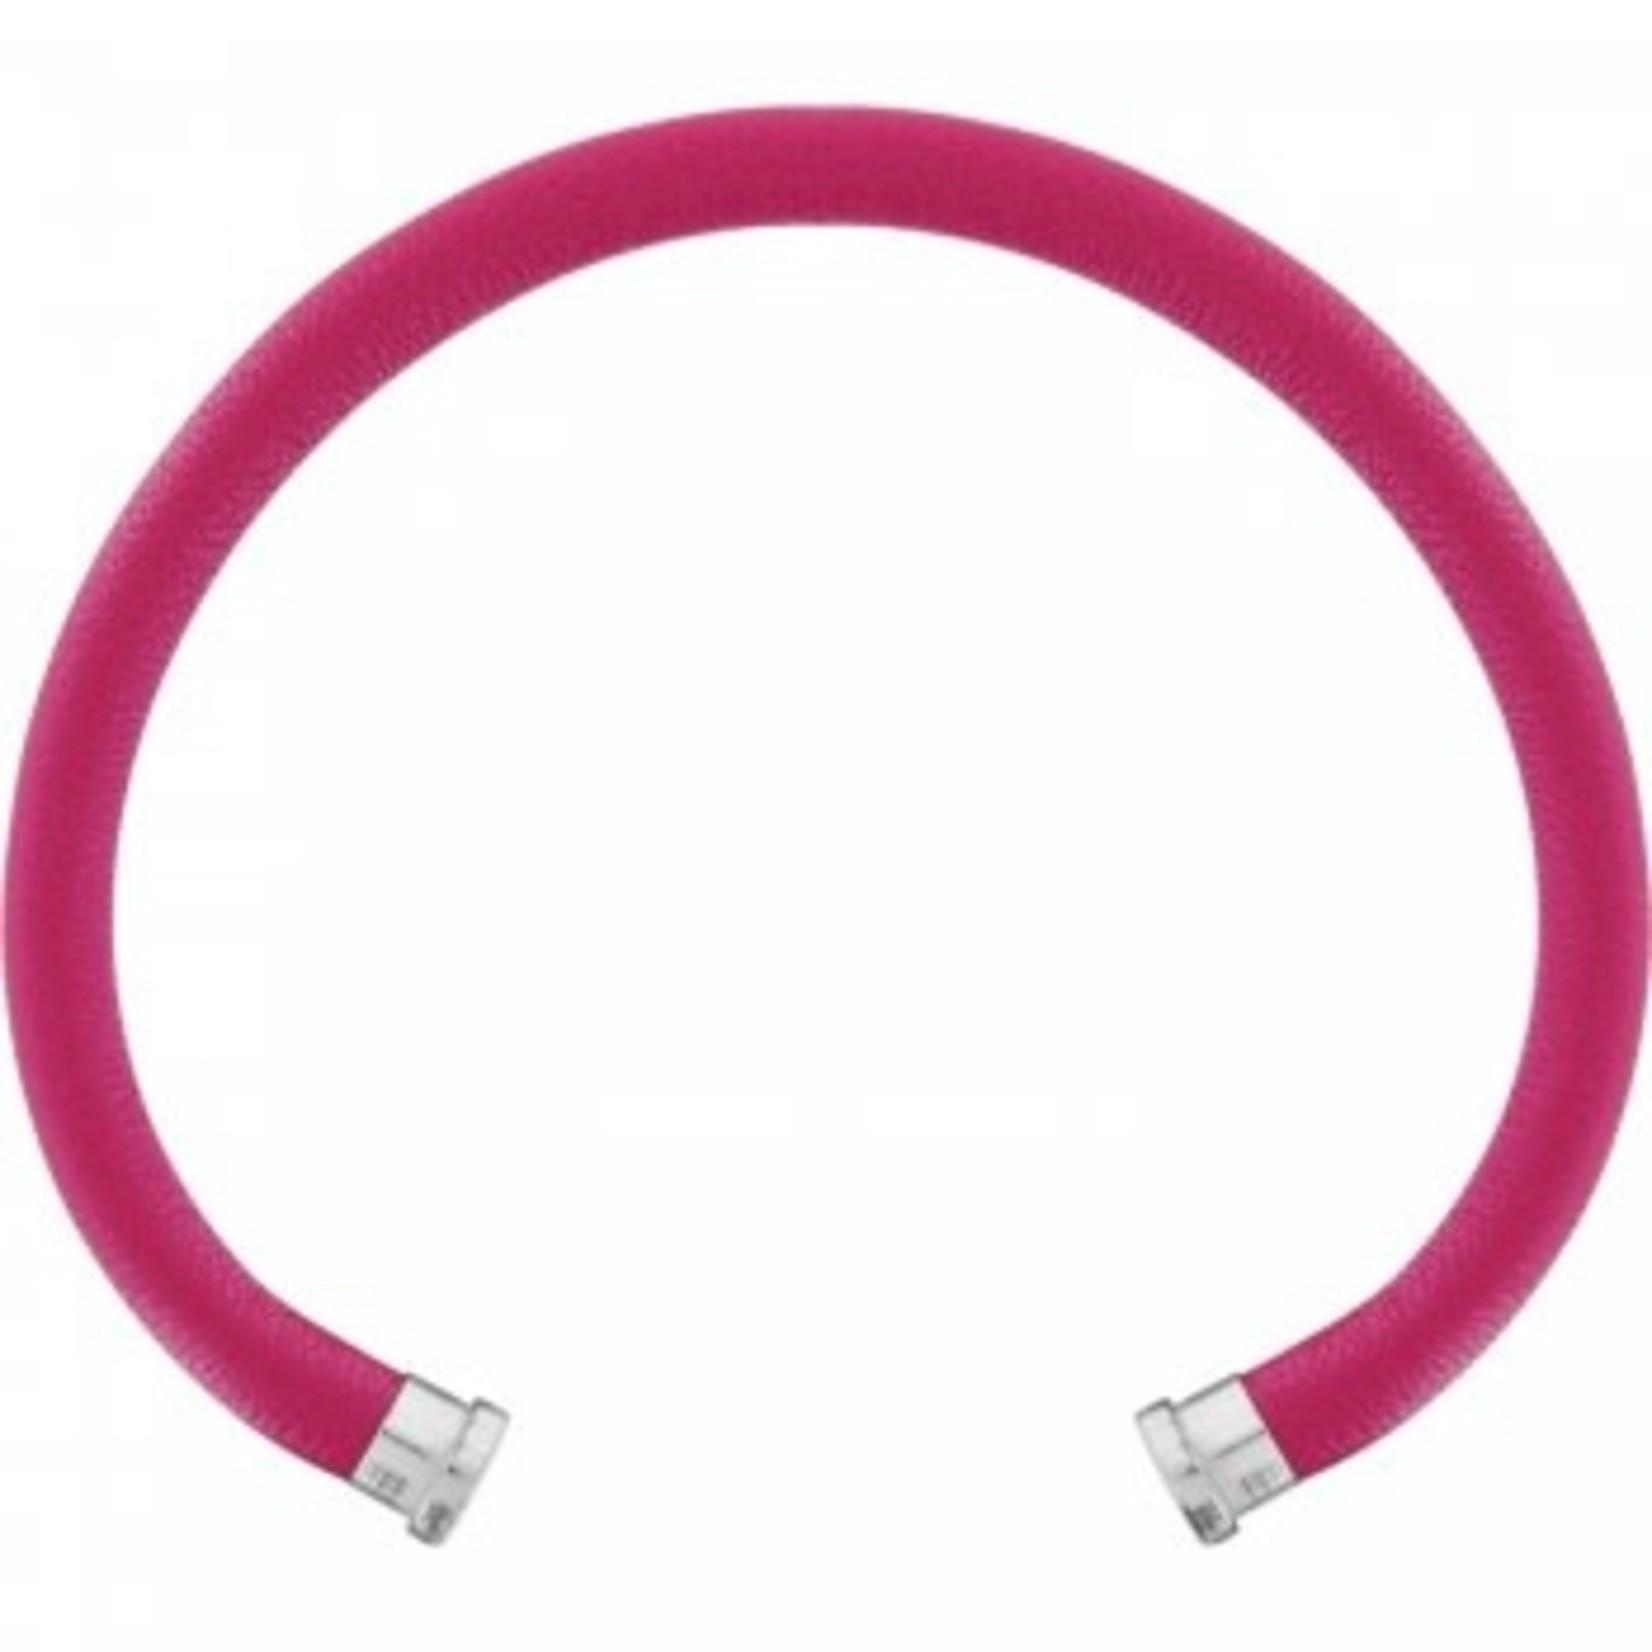 Brighton Color Clique Cord in Pashion Pink Leather M/L